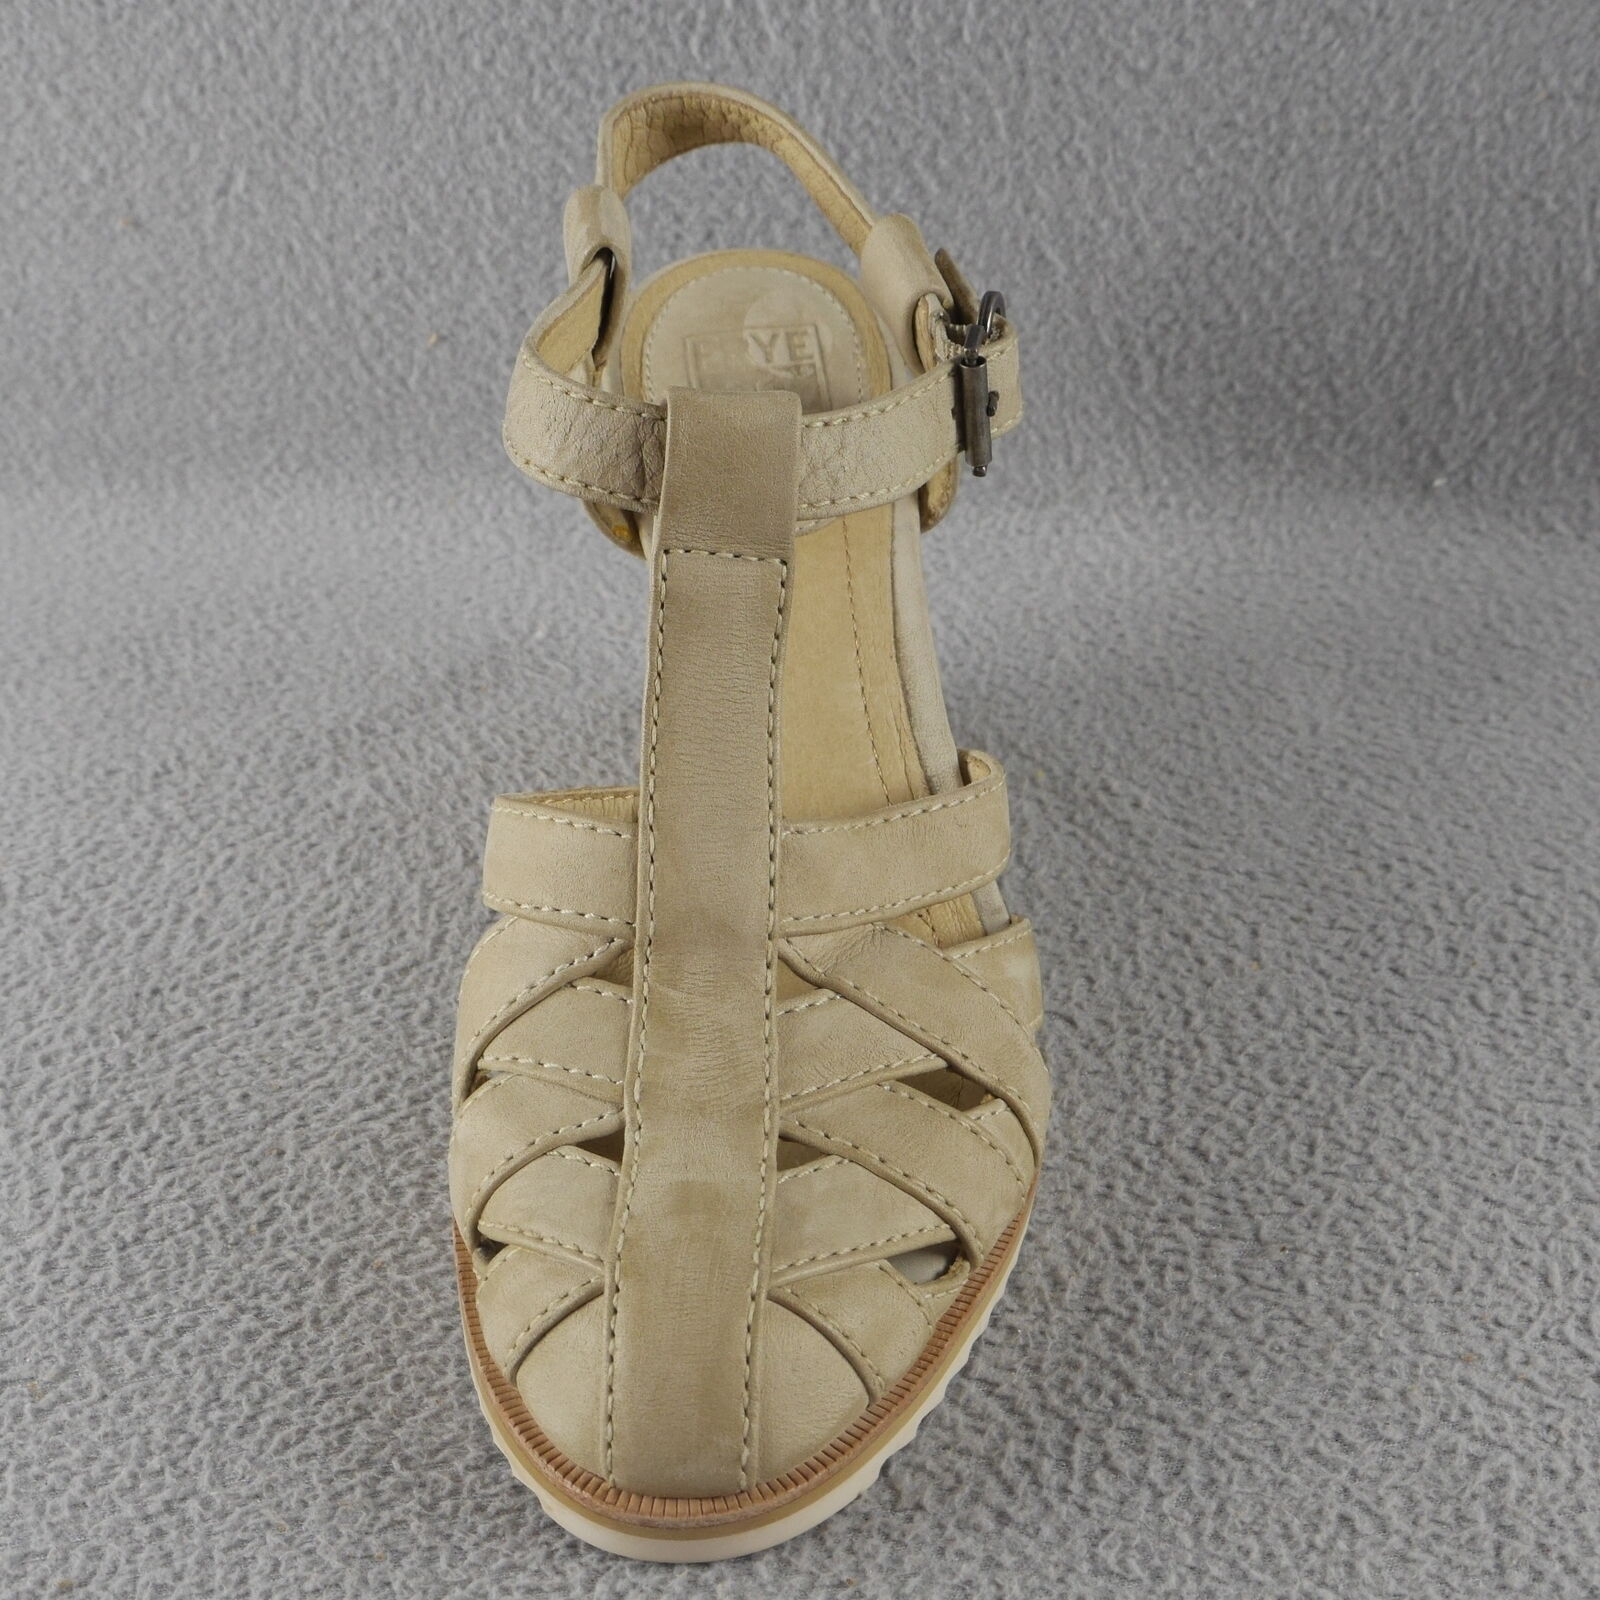 THE FRYE FRYE FRYE Maye Fisherman WOVEN BEIGE LEATHER WEDGE HEEL sandal Women's Sizes ANB b1e1ab